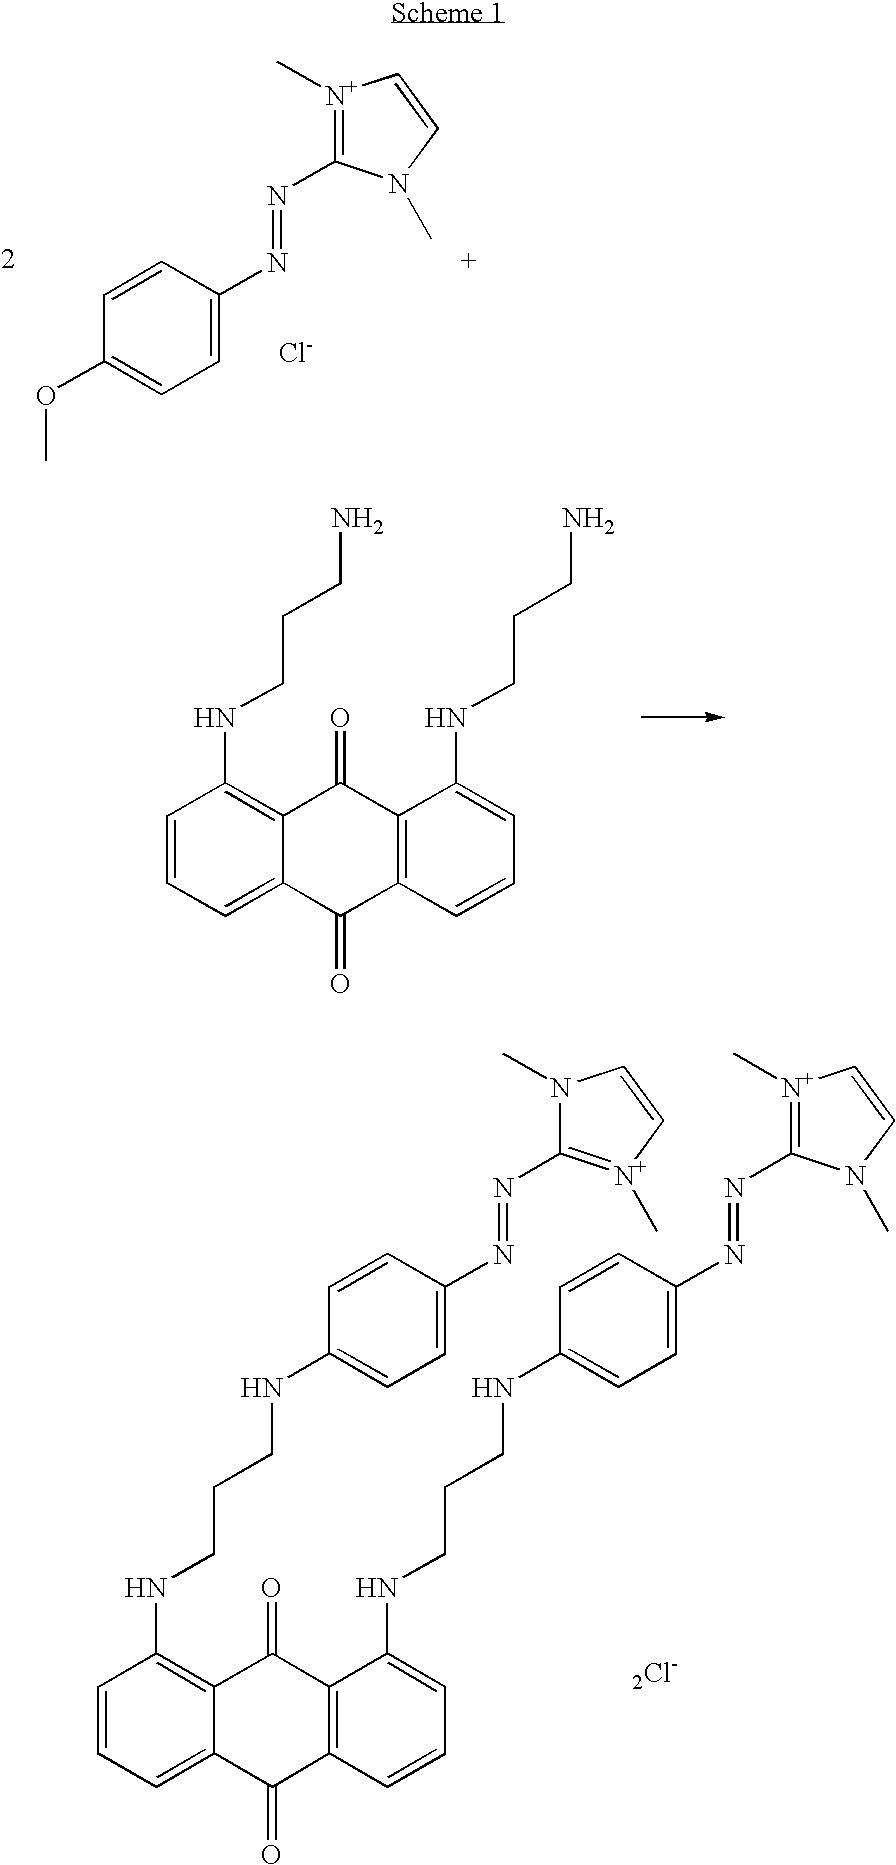 Figure US07582122-20090901-C00040